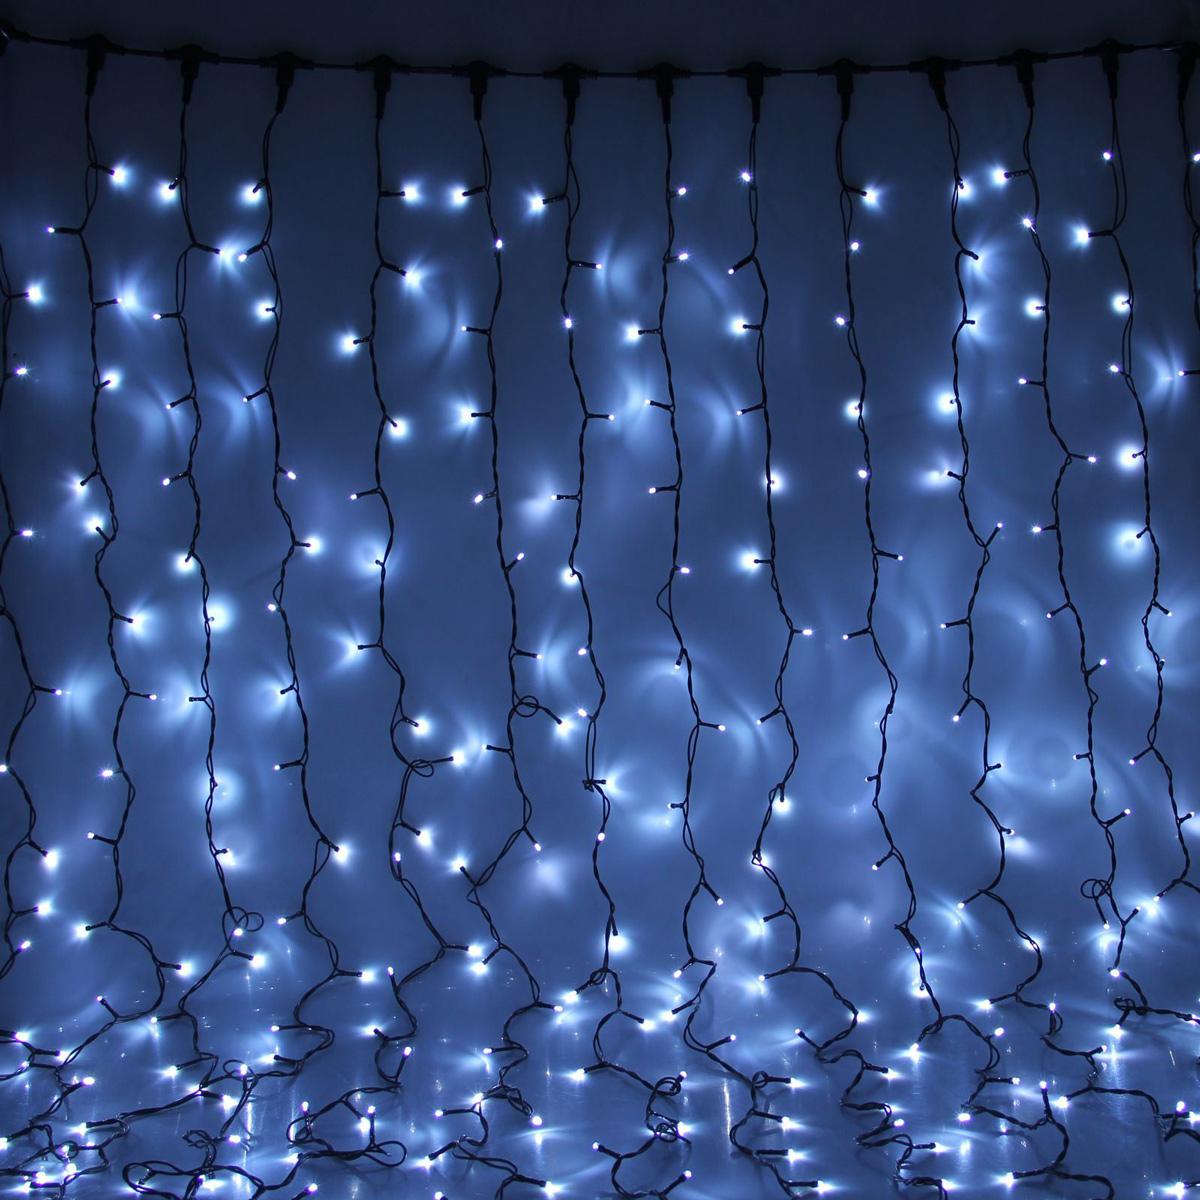 Гирлянда светодиодная Luazon Занавес, цвет: белый, уличная, 1800 ламп, 220 V, 2 х 9 м. 10803101080310Светодиодные гирлянды и ленты — это отличный вариант для новогоднего оформления интерьера или фасада. С их помощью помещение любого размера можно превратить в праздничный зал, а внешние элементы зданий, украшенные ими, мгновенно станут напоминать очертания сказочного дворца. Такие украшения создают ауру предвкушения чуда. Деревья, фасады, витрины, окна и арки будто специально созданы, чтобы вы украсили их светящимися нитями.